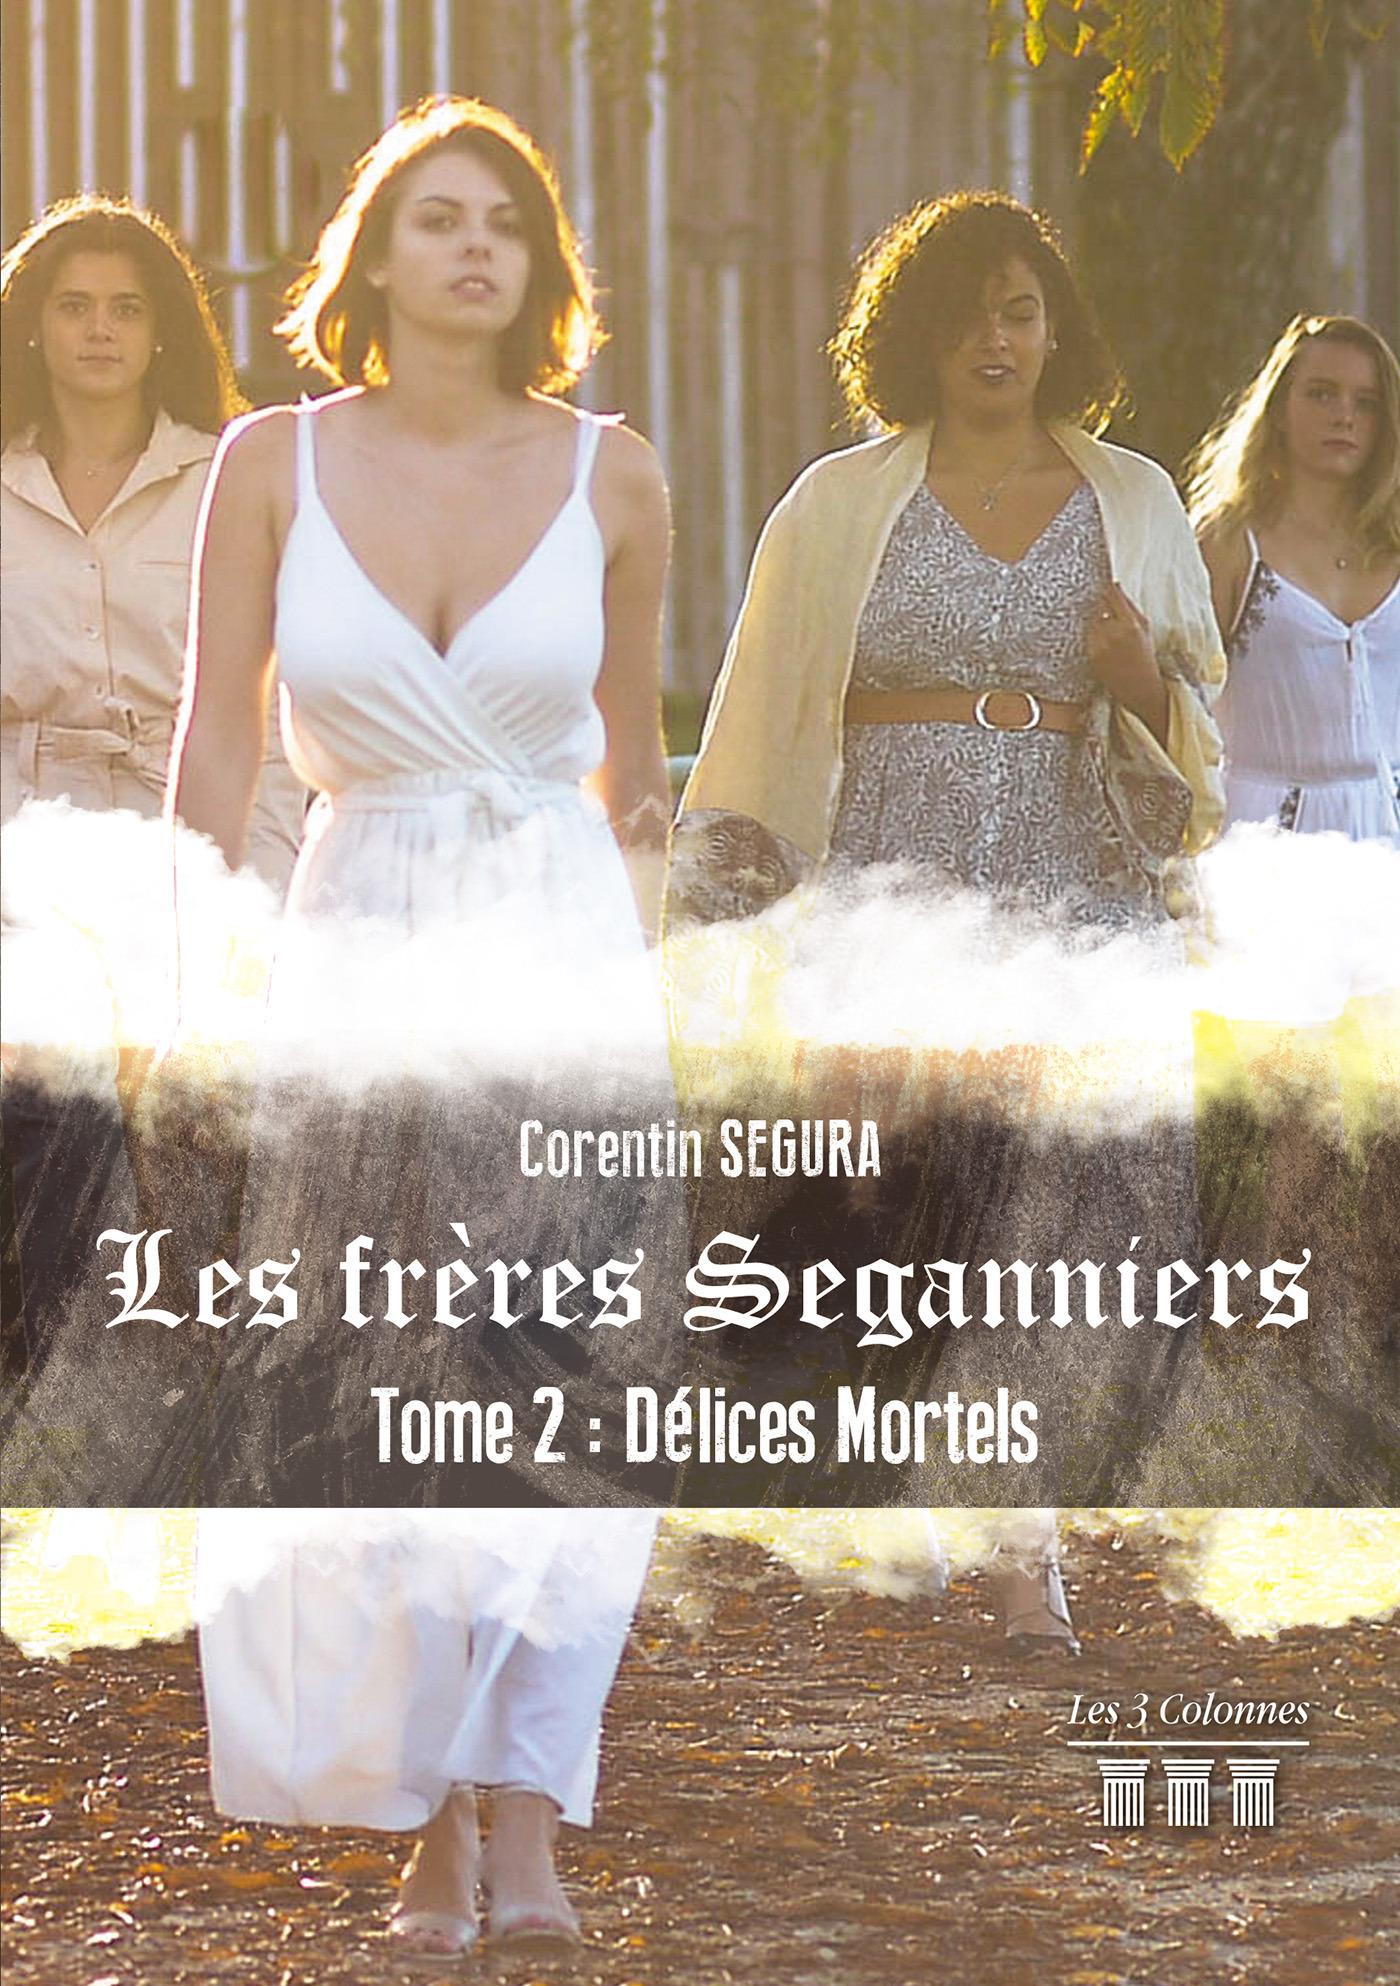 Les frères Seganniers - Tome 2 : Délices Mortels  - Corentin Segura